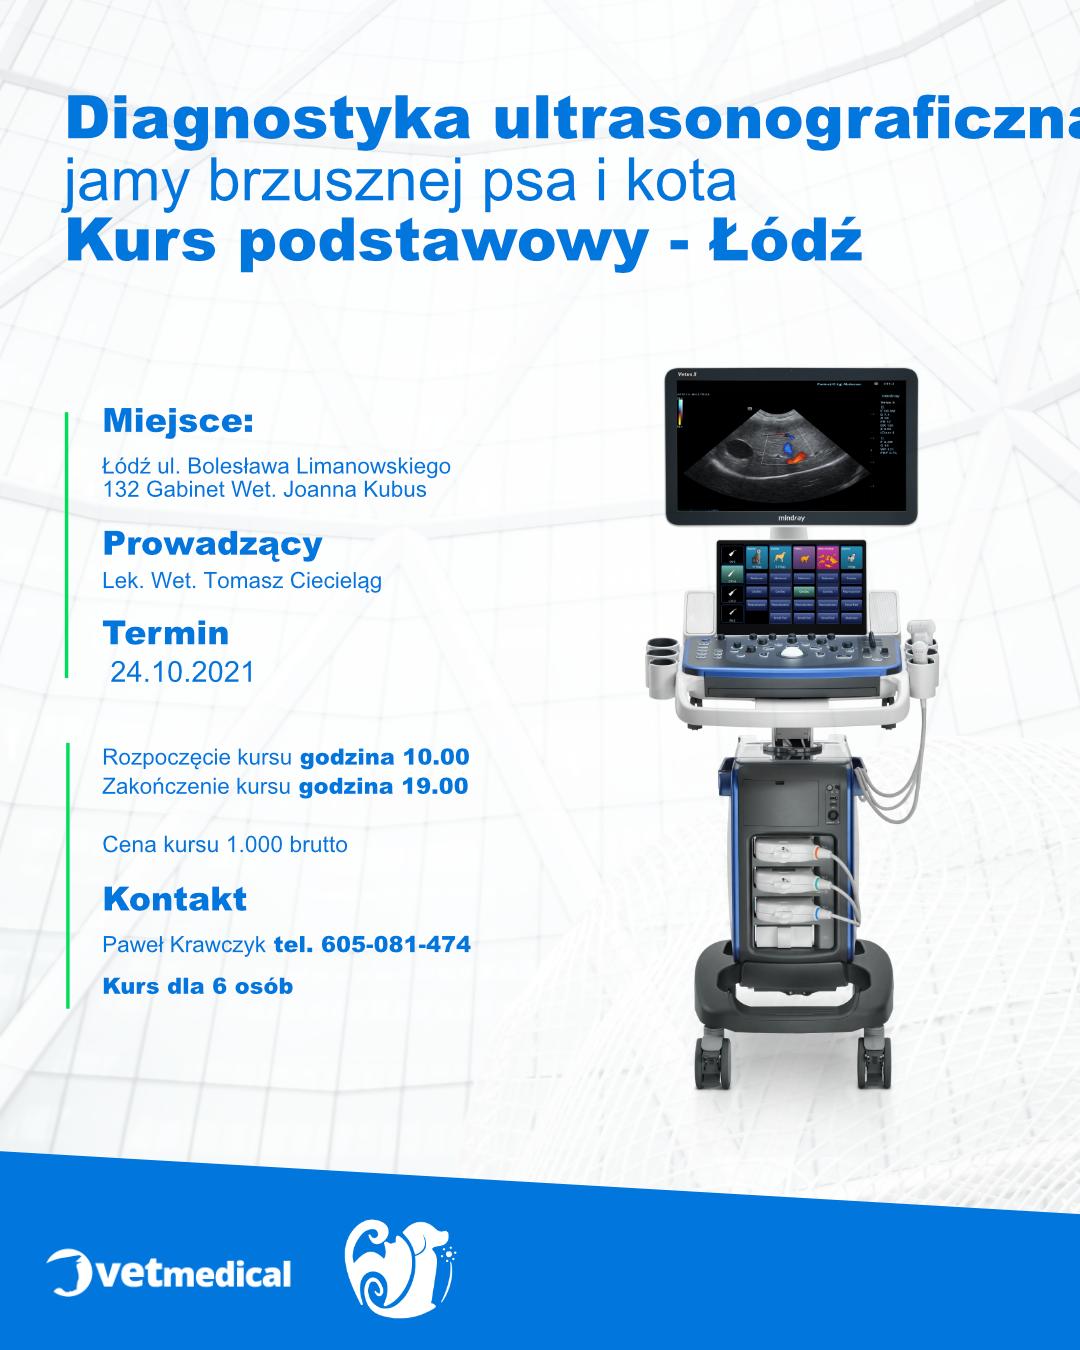 Łódź 24.10.2021- Diagnostyka ultrasonograficzna jamy brzusznej psa i kota – kurs podstawowy